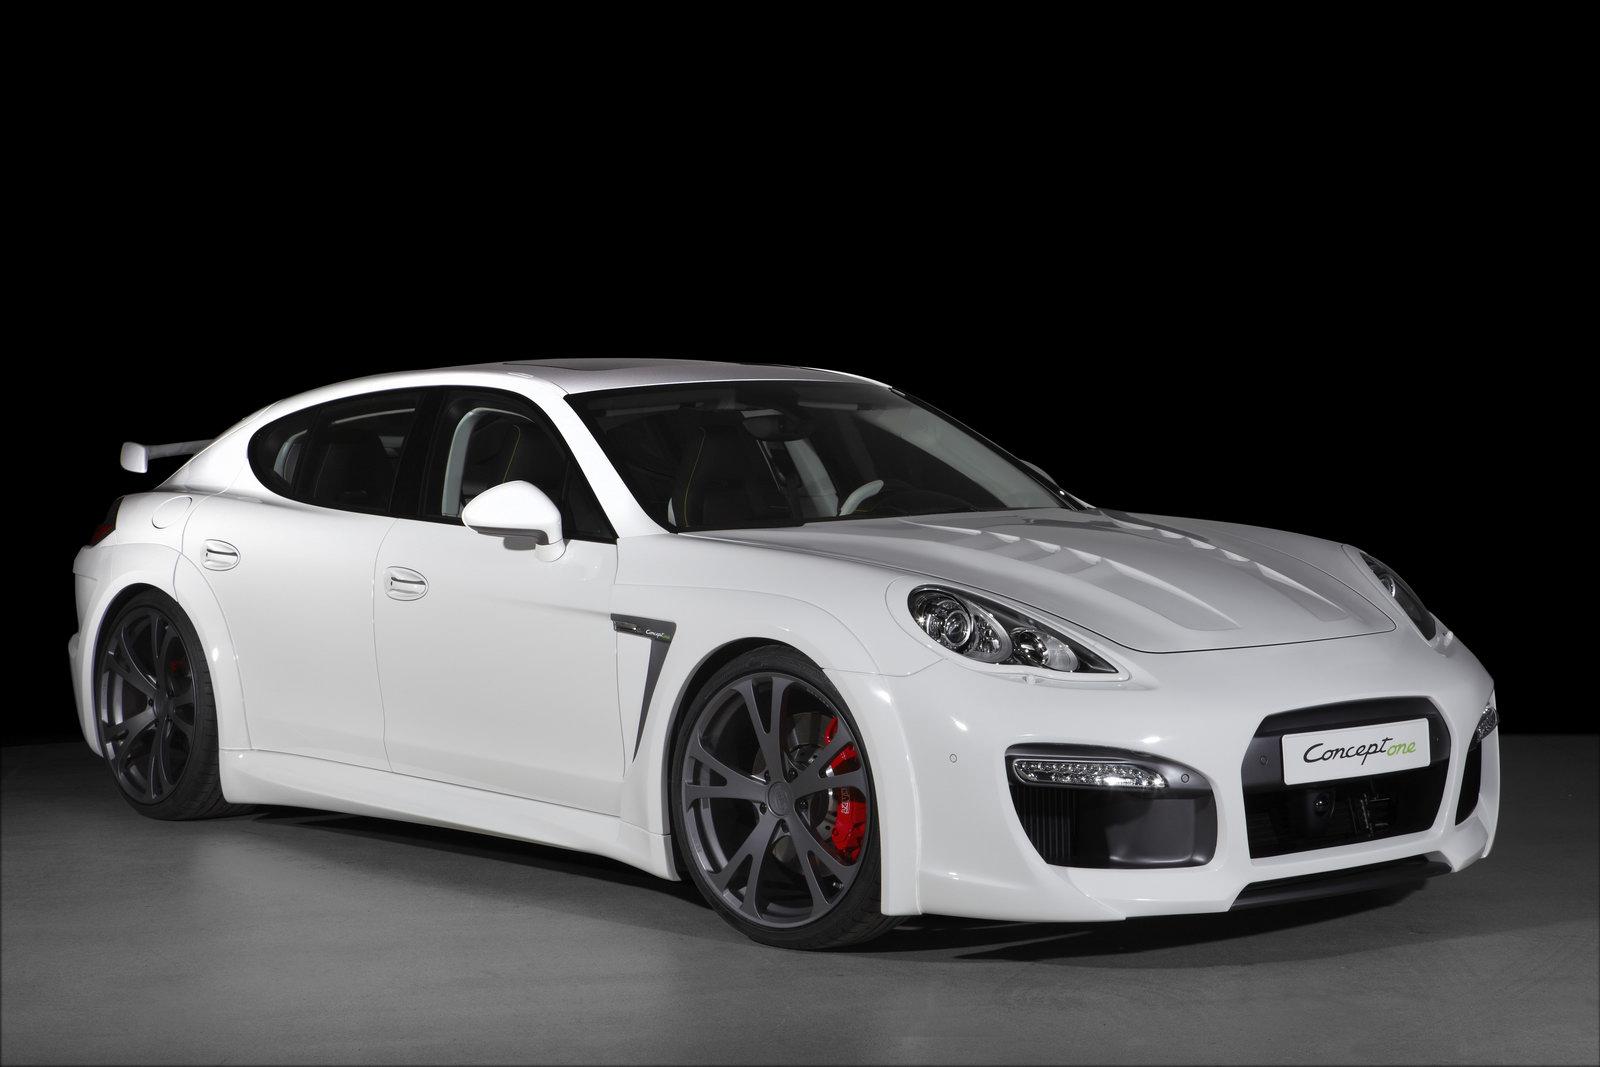 porsche panamera white - Porsche Panamera Black And White